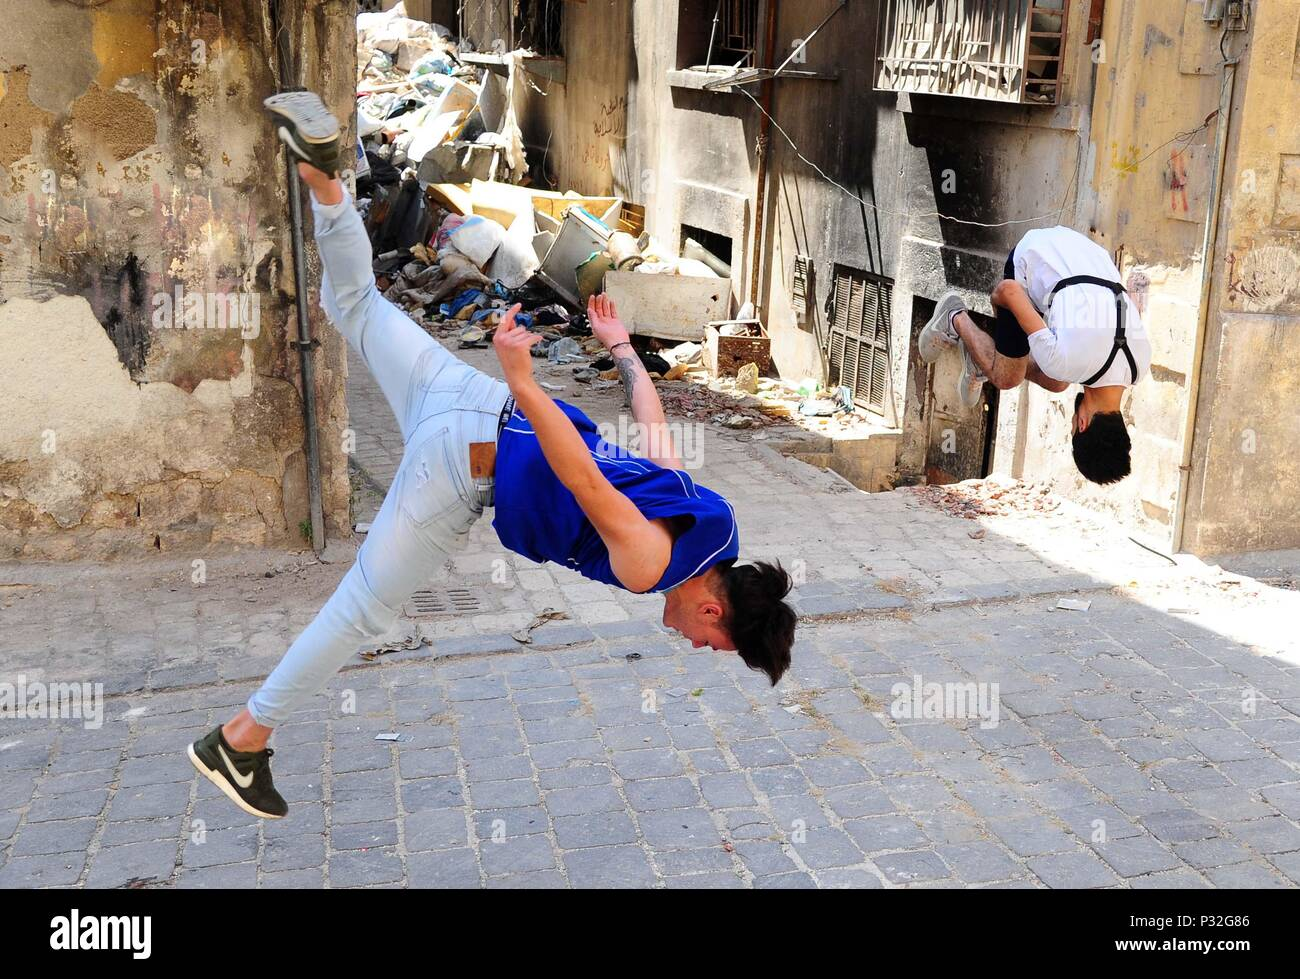 Aleppo, Siria. 8 Giugno, 2018. Giovani parkour siriano giocatori eseguire anteriore e backflips in gran parte-parte danneggiata della città di Aleppo, Siria settentrionale il 8 giugno 2018. Con loro la ribalta mozzafiato e saltando di acrobazie, un gruppo di giovani Siriani sono portare la vita torna alla distruzione di parti di città di Aleppo con il loro elettrizzante Parkour performance. Per andare con funzione: Giovani siriani ravvivare la vita nella vecchia Aleppo le sue rovine con elettrizzante Parkour performance. Credito: Ammar Safarjalani/Xinhua/Alamy Live News Immagini Stock